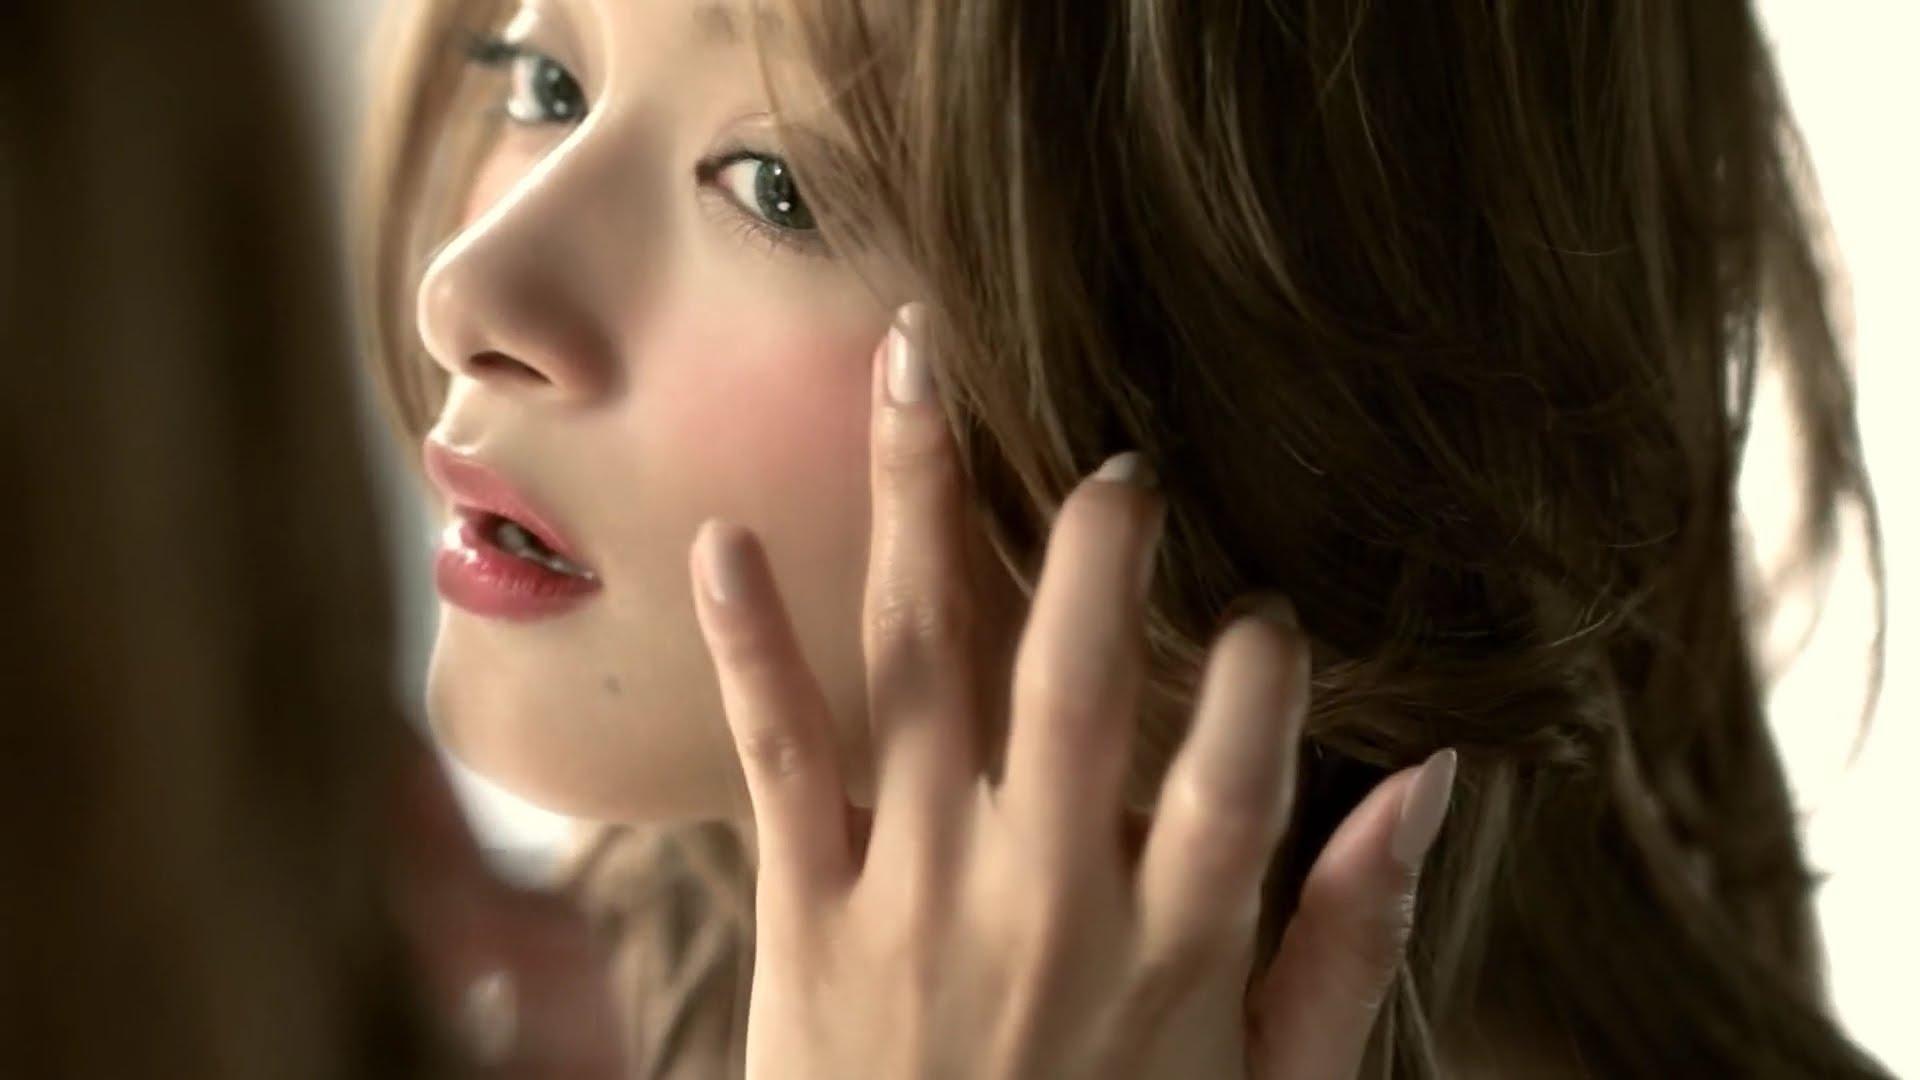 【ローラ】化粧品「ヴィセ」のチーク&リップがまるで魔法のよう♡のサムネイル画像